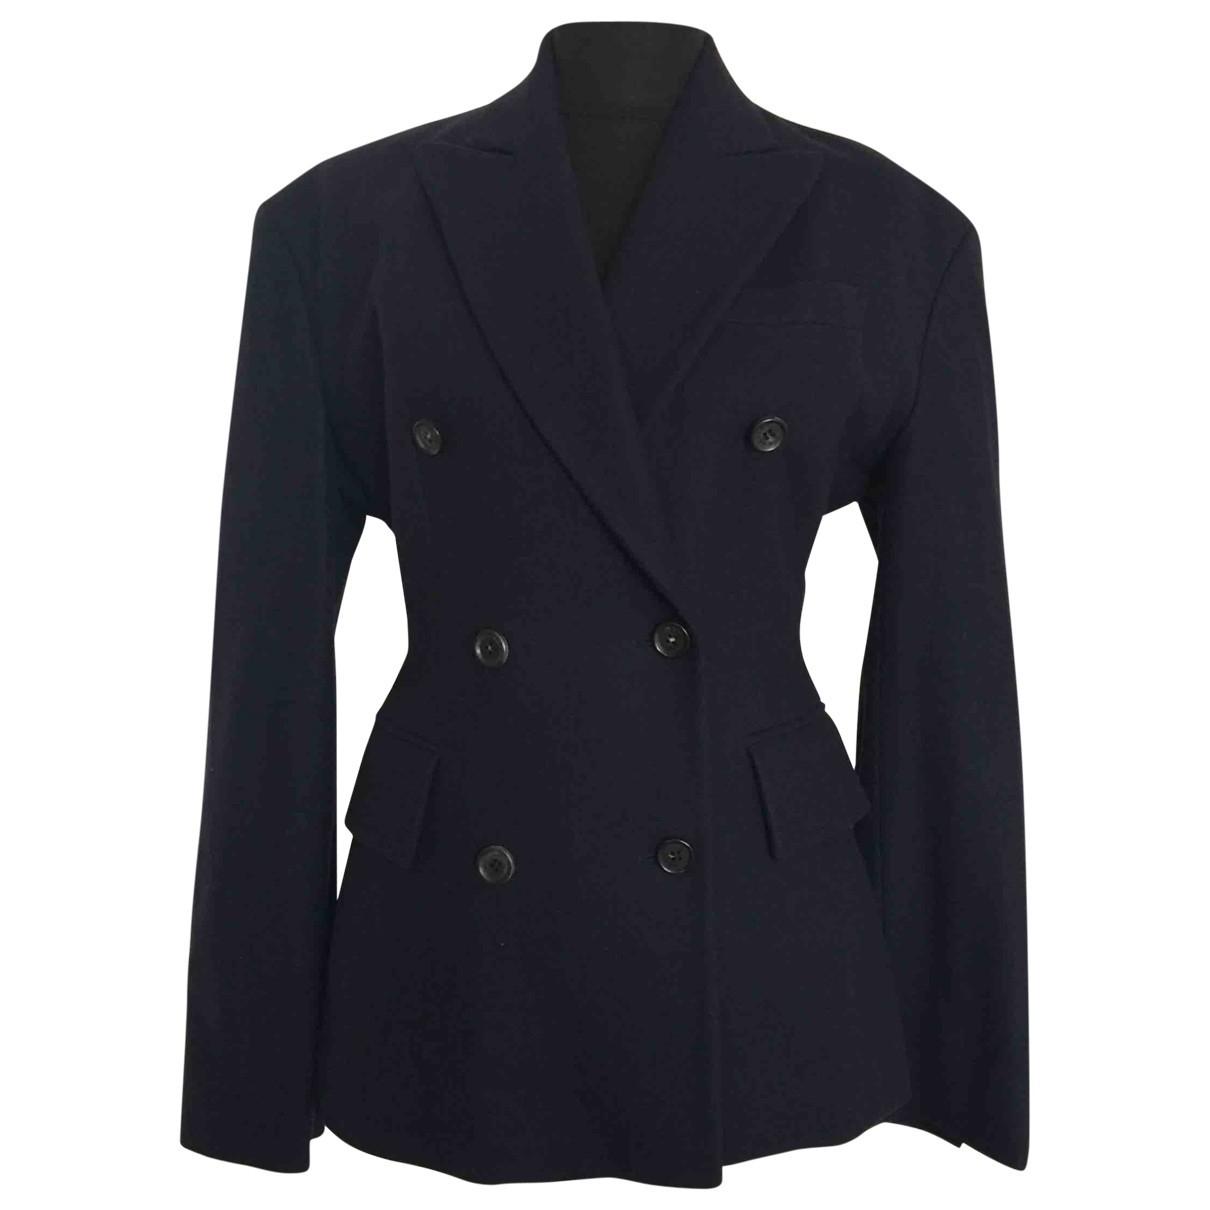 Celine \N Navy Wool jacket for Women 38 FR